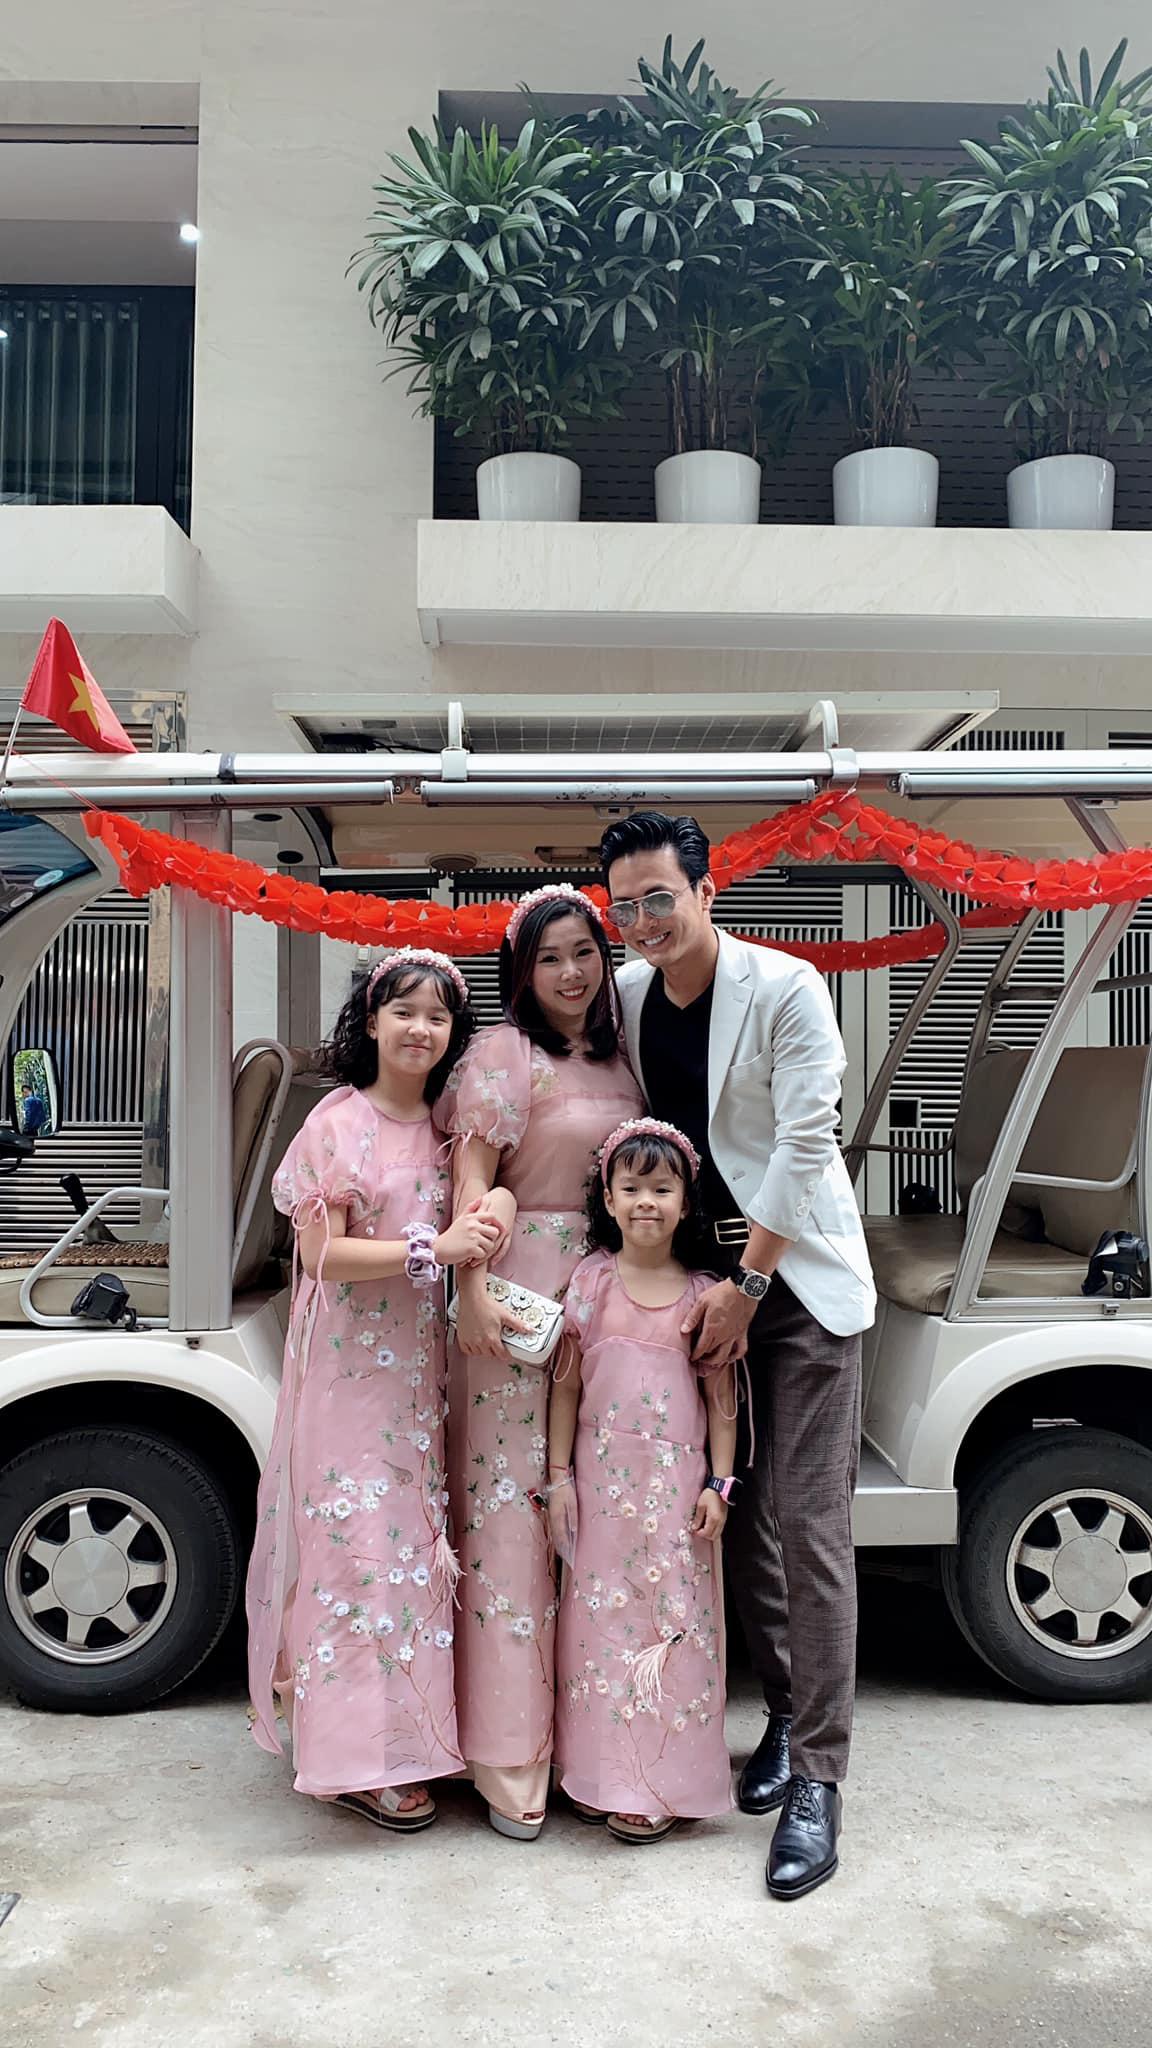 Kỳ Duyên hoài niệm về khoảnh khắc đăng quang Hoa hậu Việt Nam 2014, Trần Tiểu Vy bồi hồi xúc động - Ảnh 5.